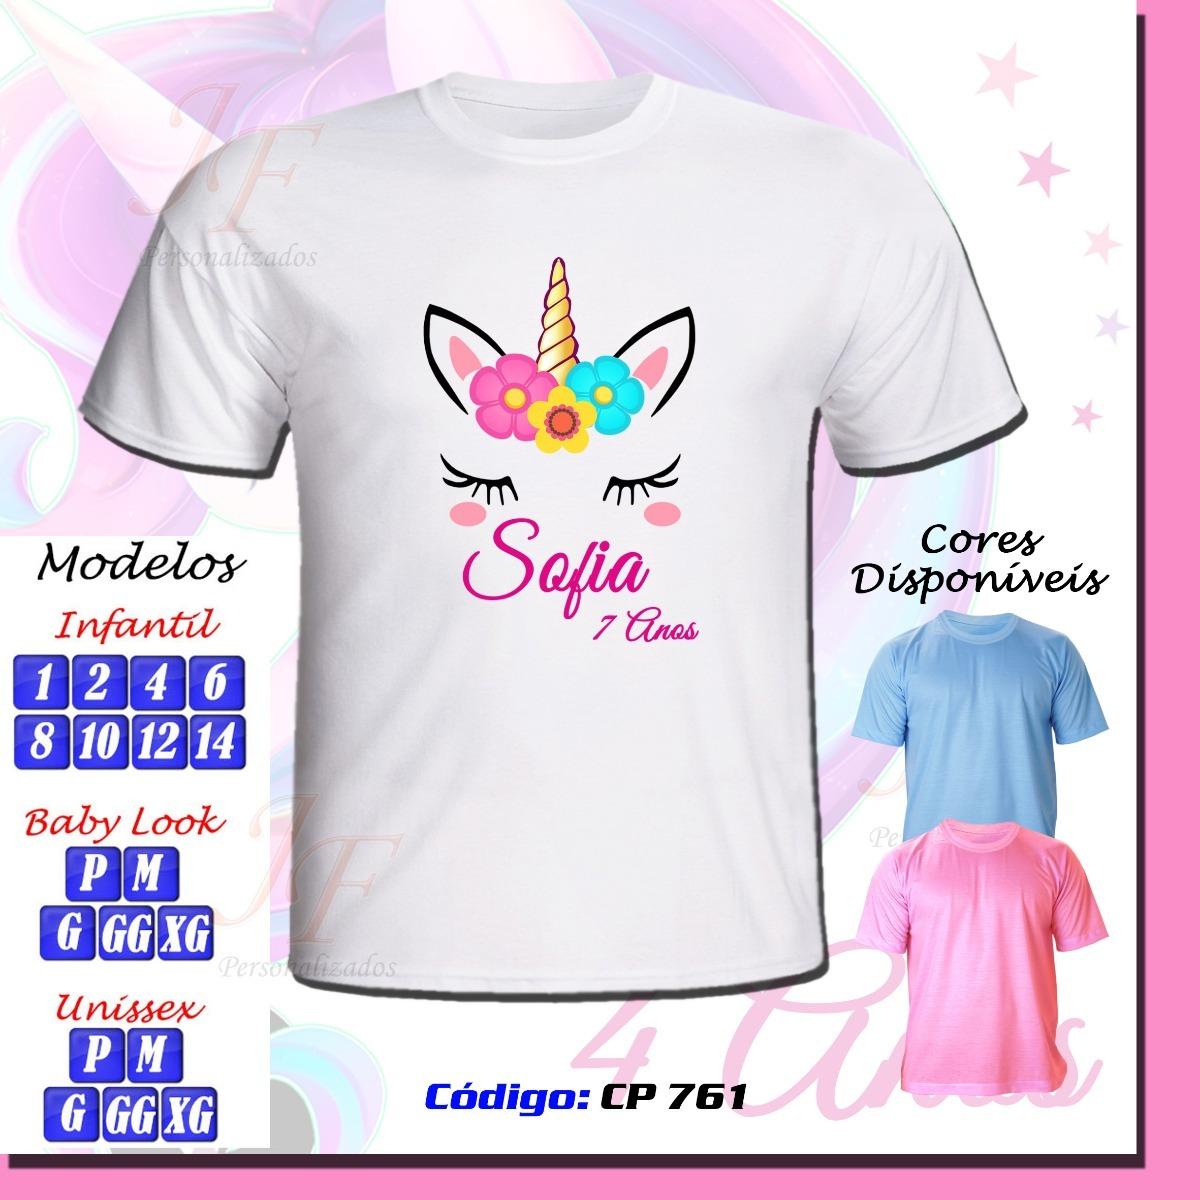 35c702841 01 camiseta adulto infantil personalizada unicórnio. Carregando zoom.